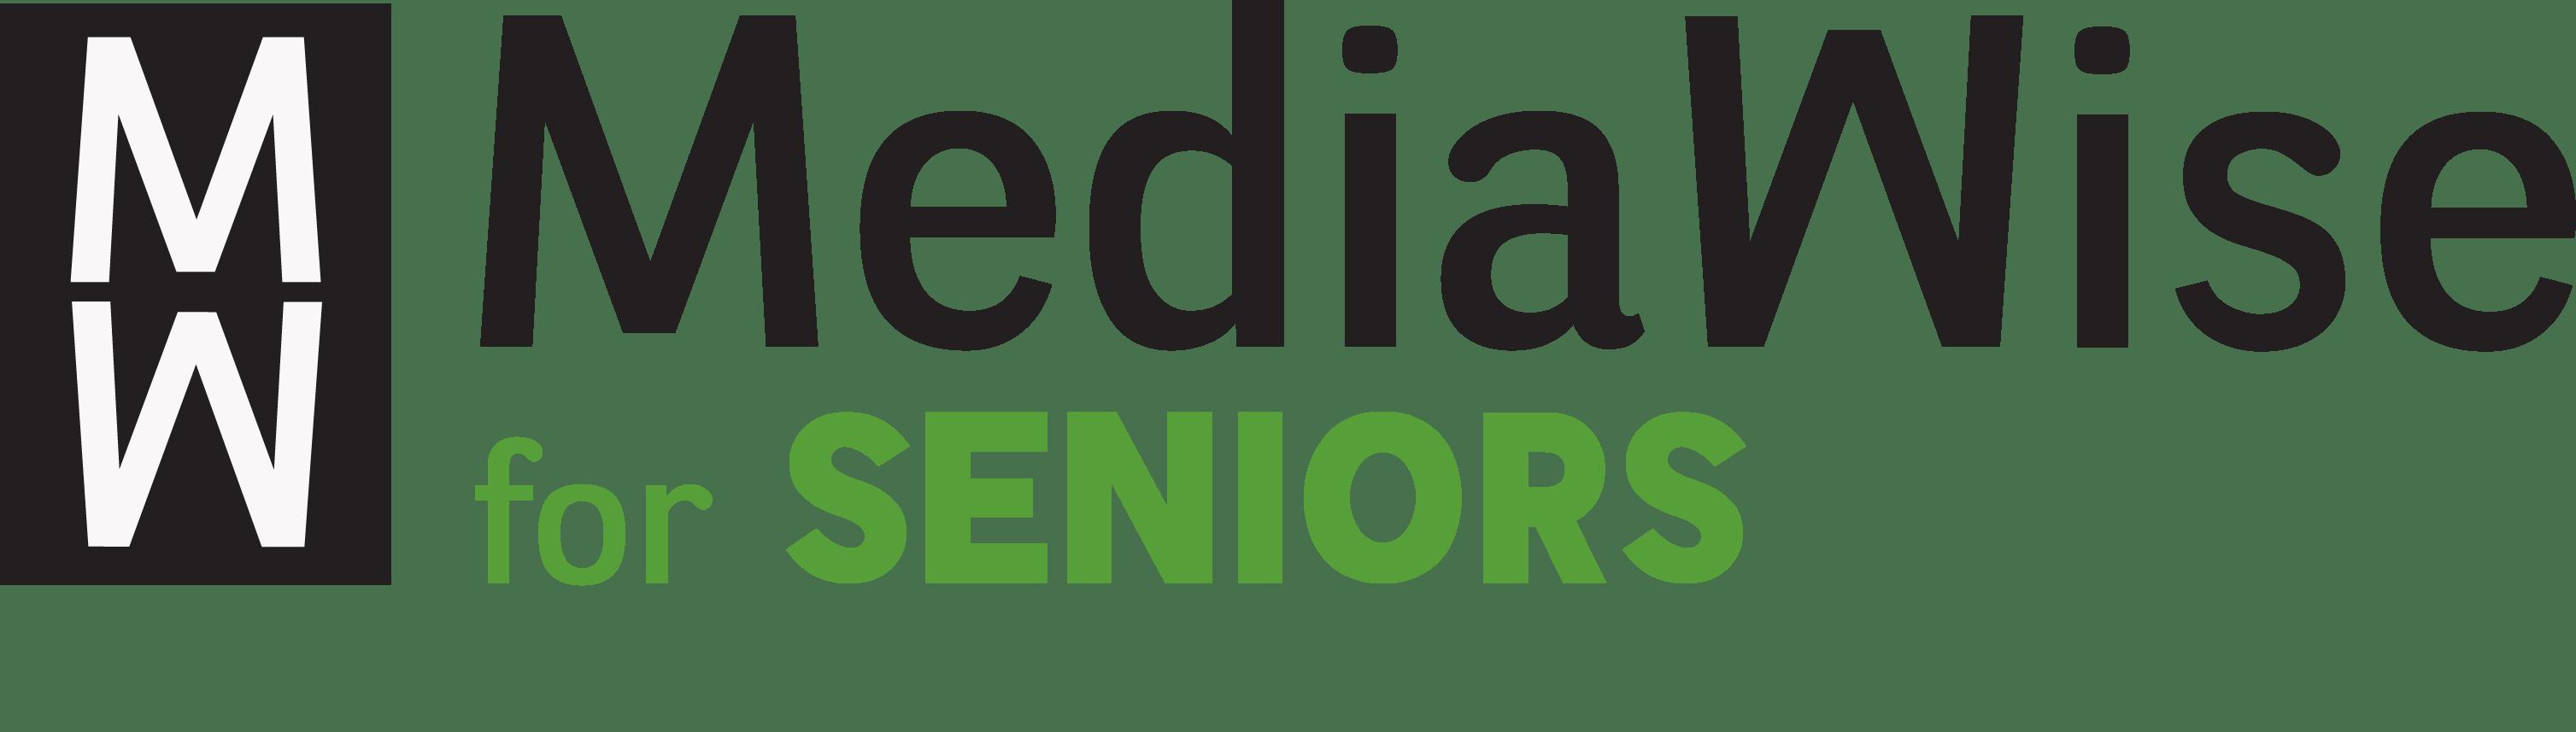 Mediawise For Seniors